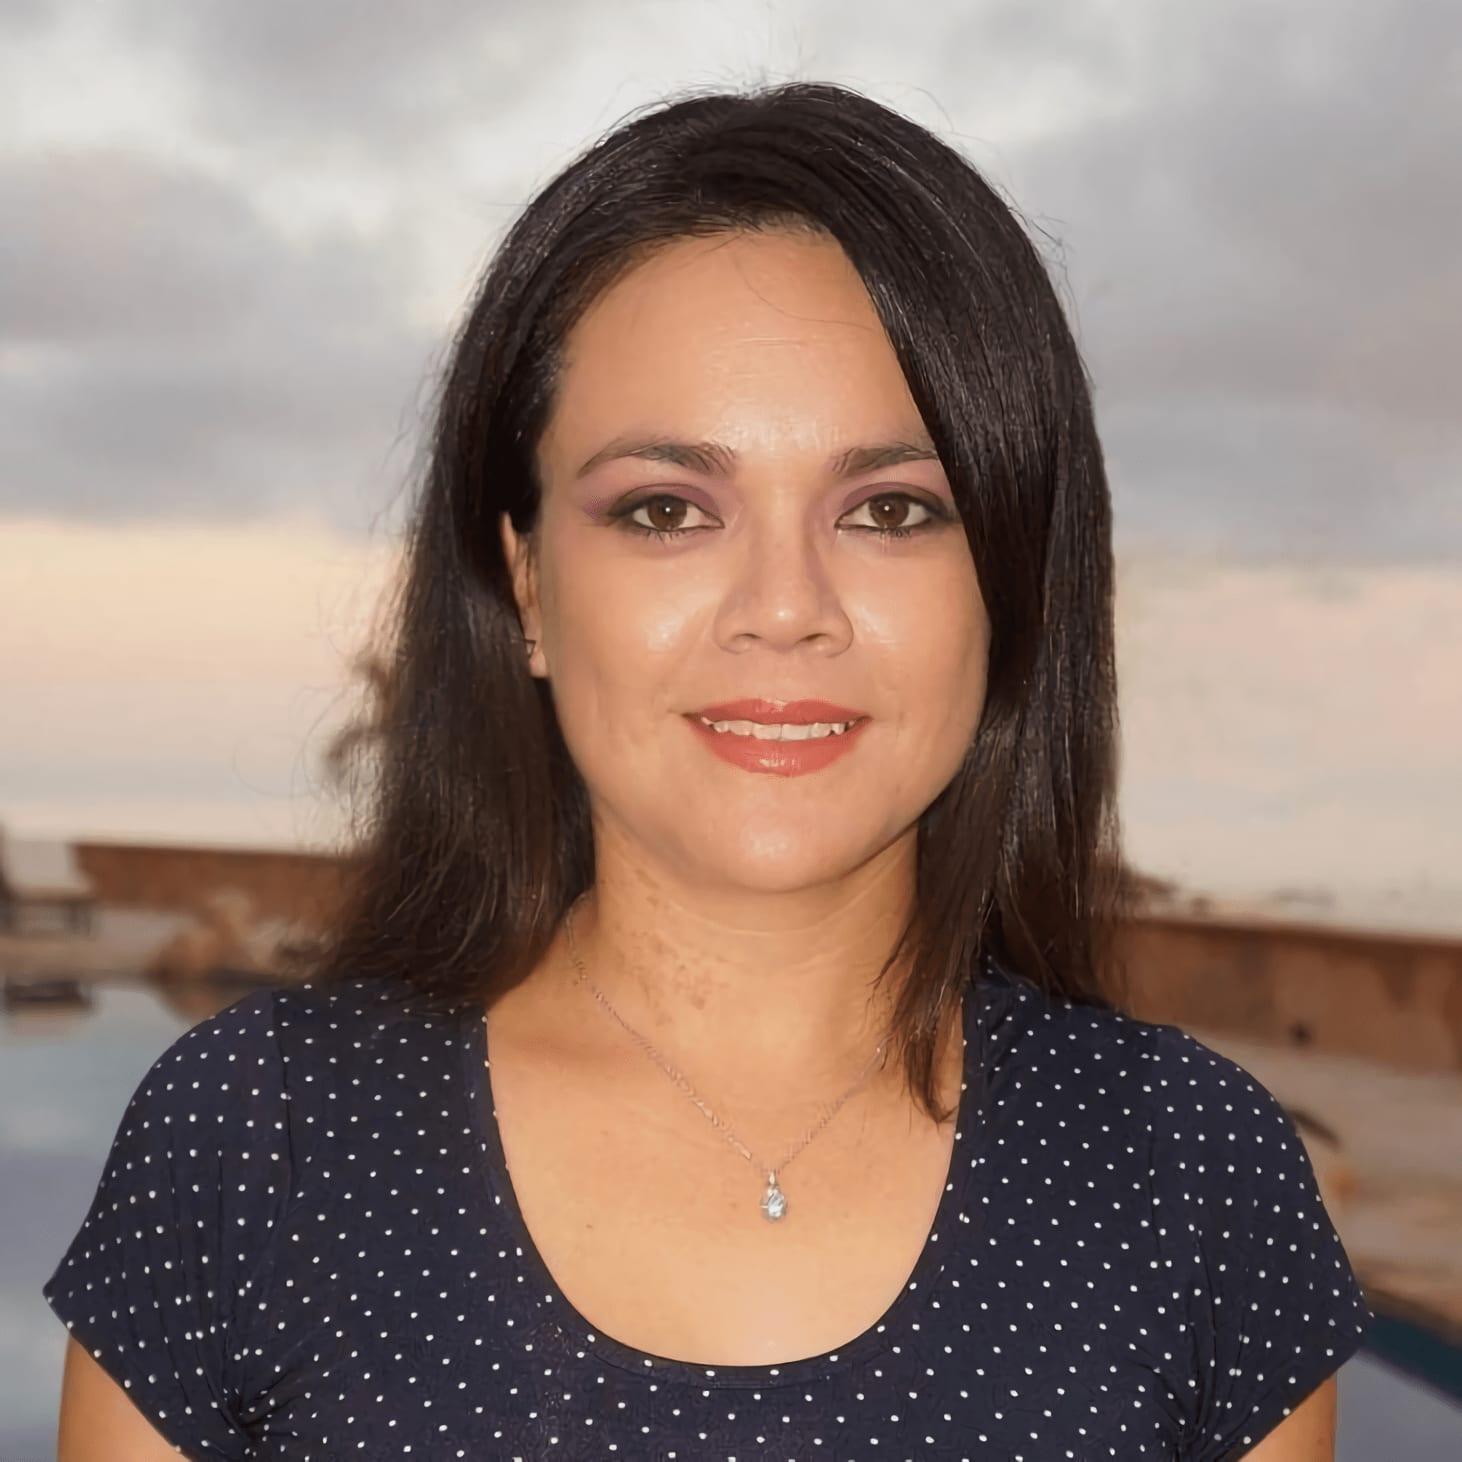 Araceli Vargas